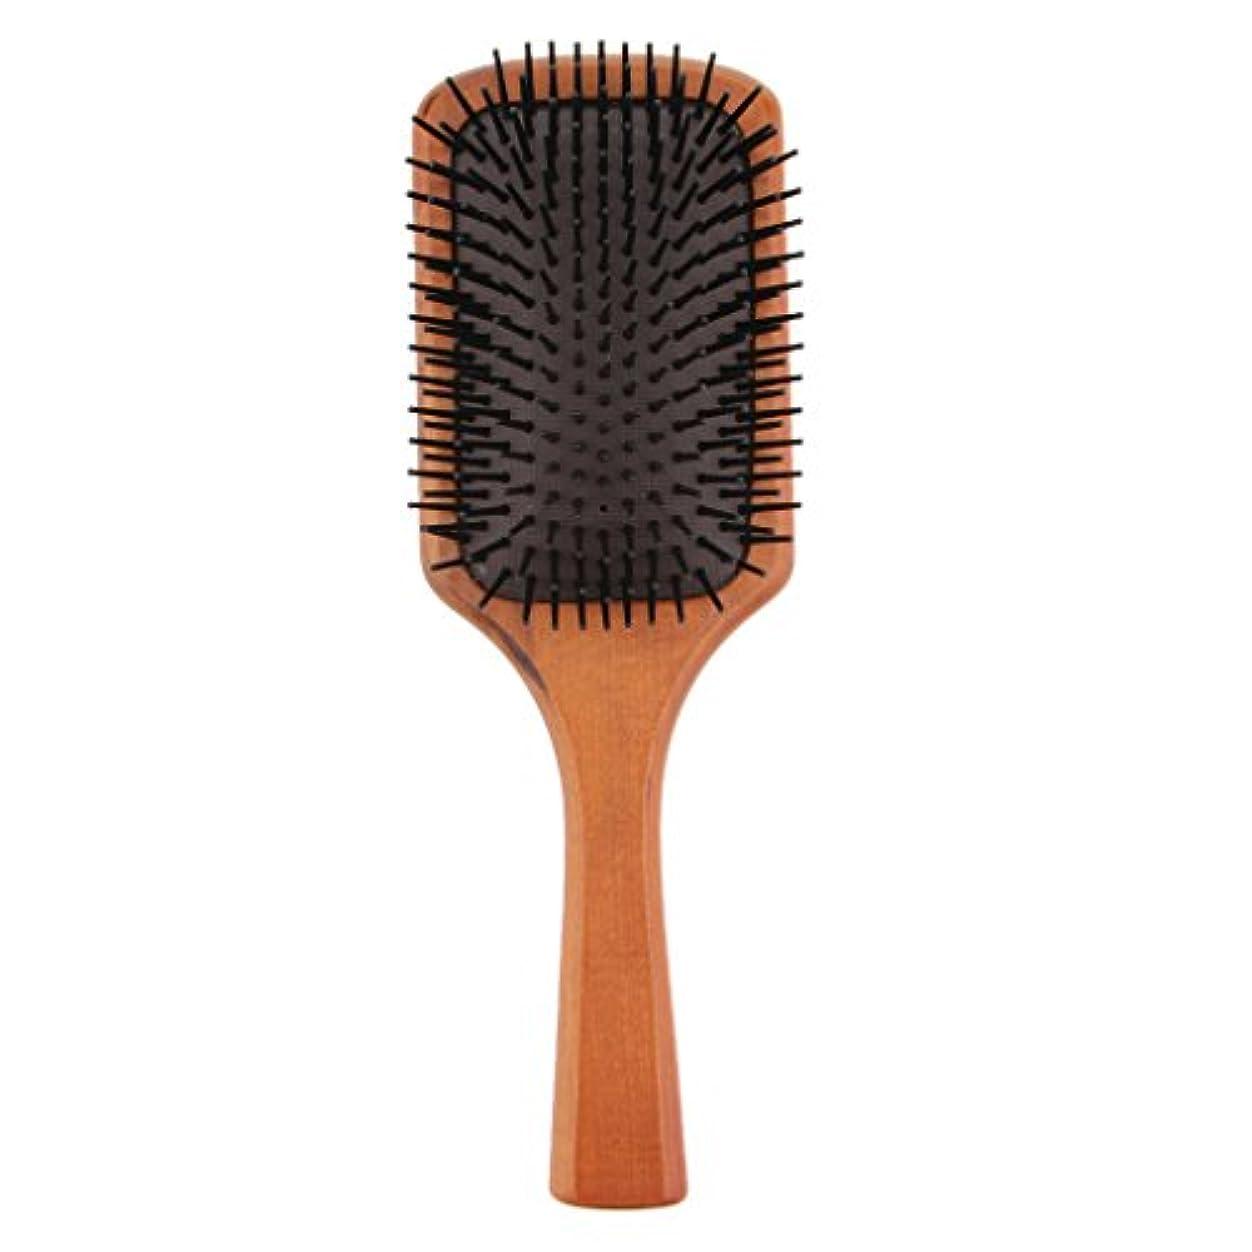 医療過誤注釈がんばり続ける木製コーム ヘアブラシ 櫛 ヘアダイコーム ヘアコーム 健康 光沢 髪 維持